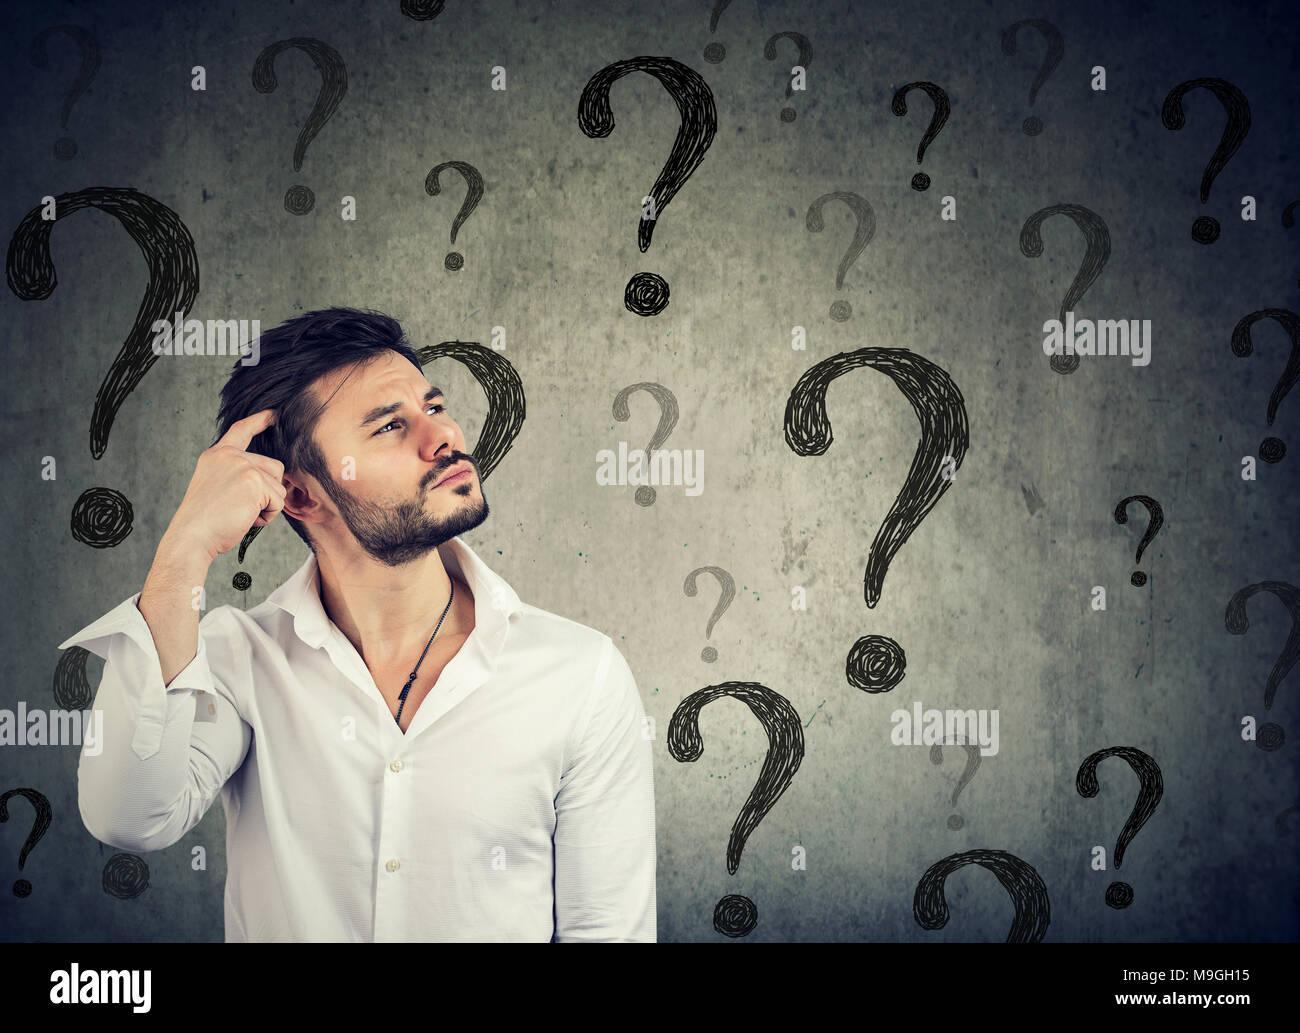 Bel homme confus réfléchie a trop de questions et pas de réponse Photo Stock